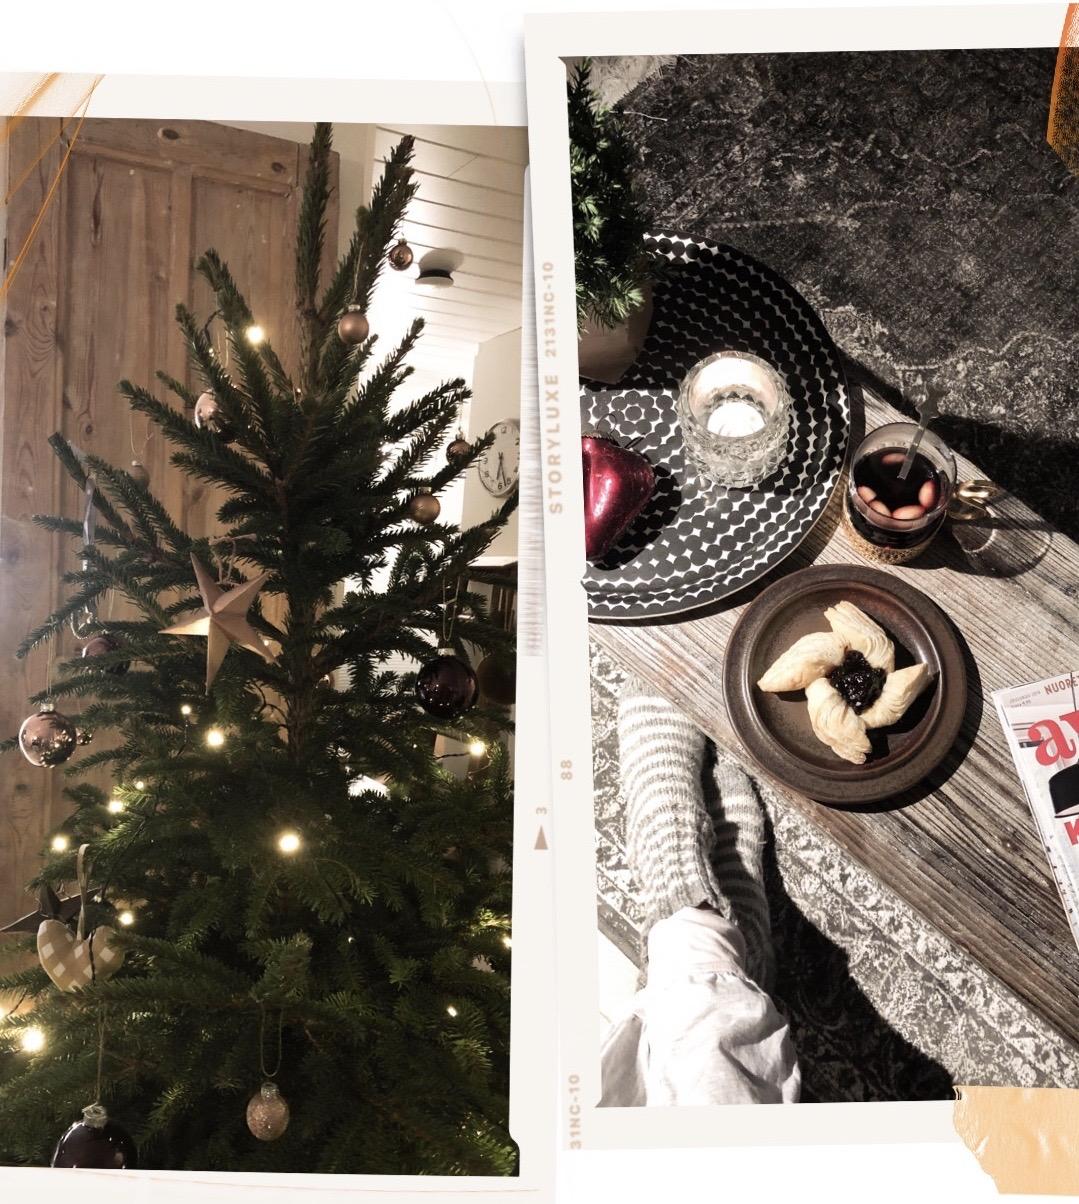 Christmas tree and treats - Joulukuusi, glögi ja joulutorttu